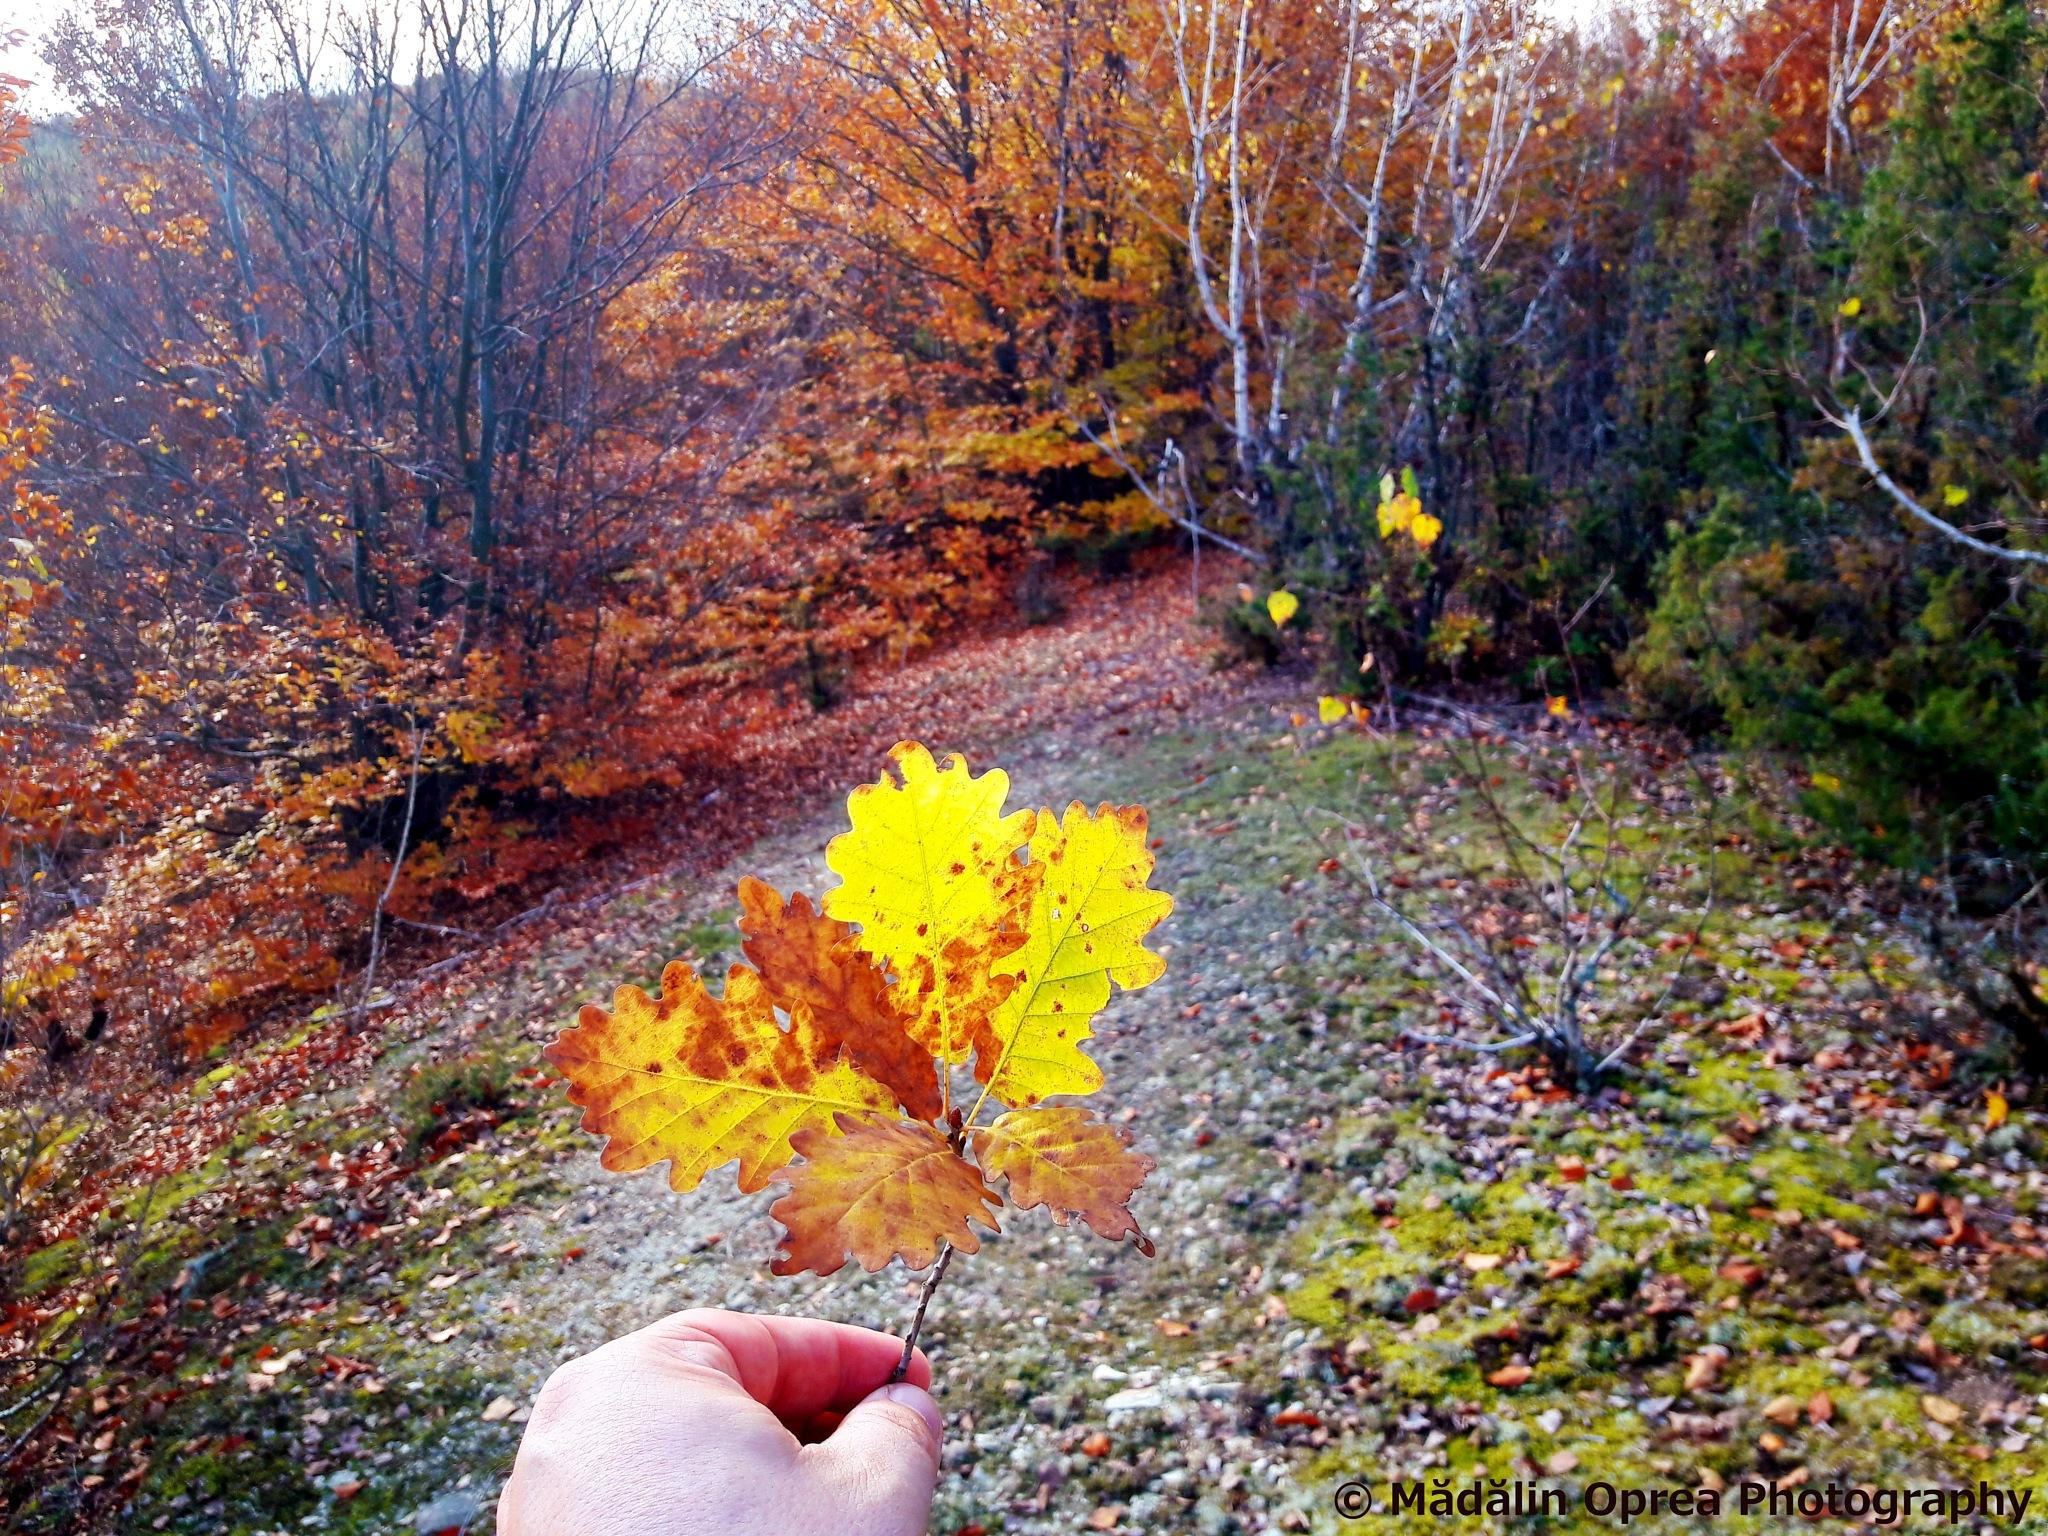 Autumn by Mădălin Oprea Photography